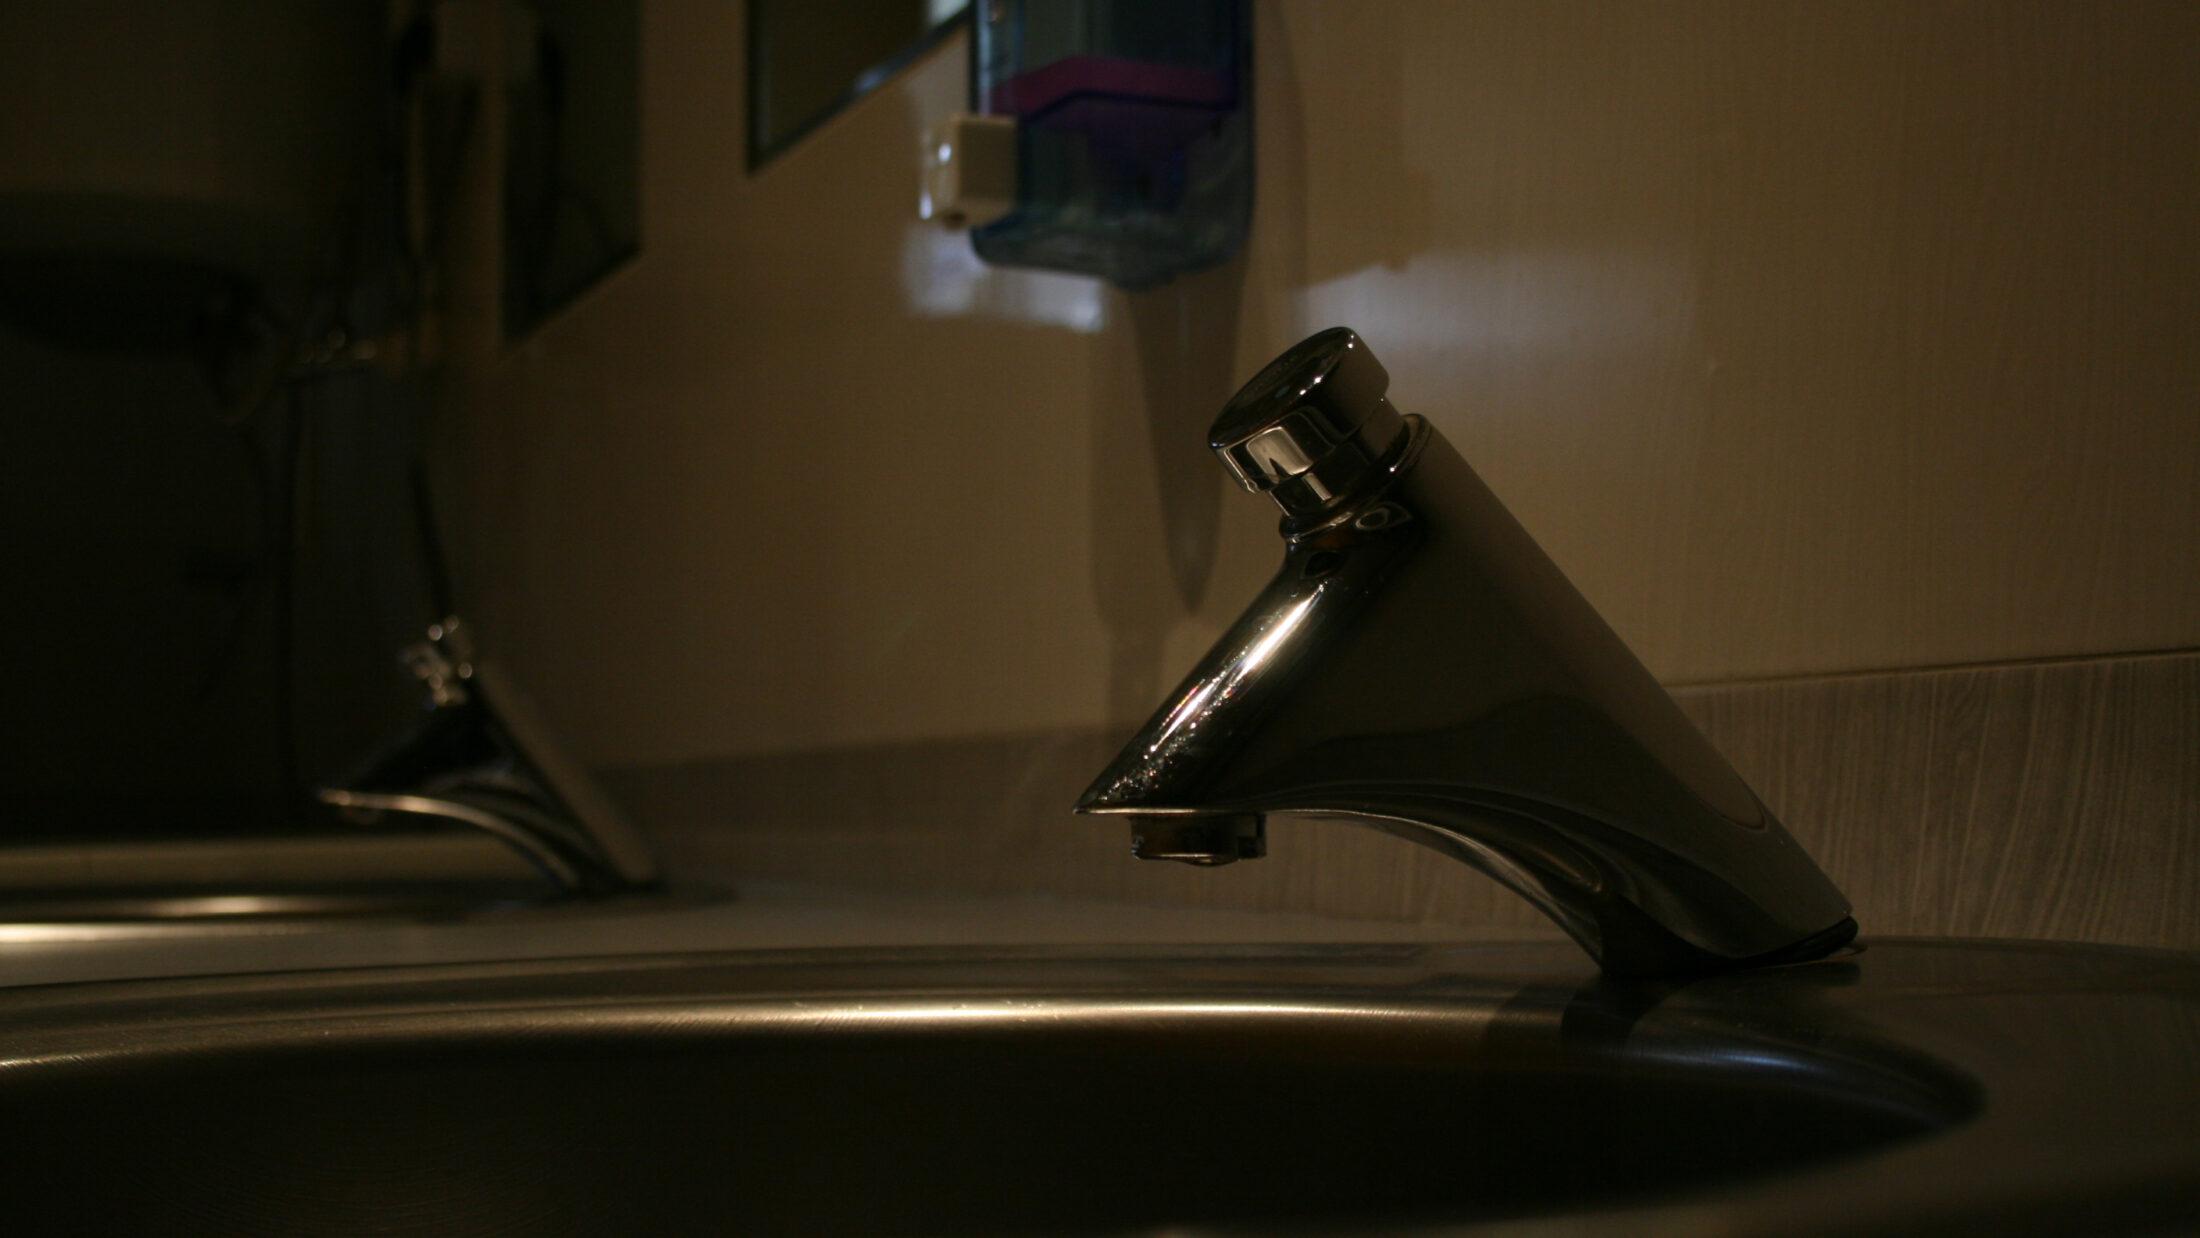 Autostop tap in hotel bathroom